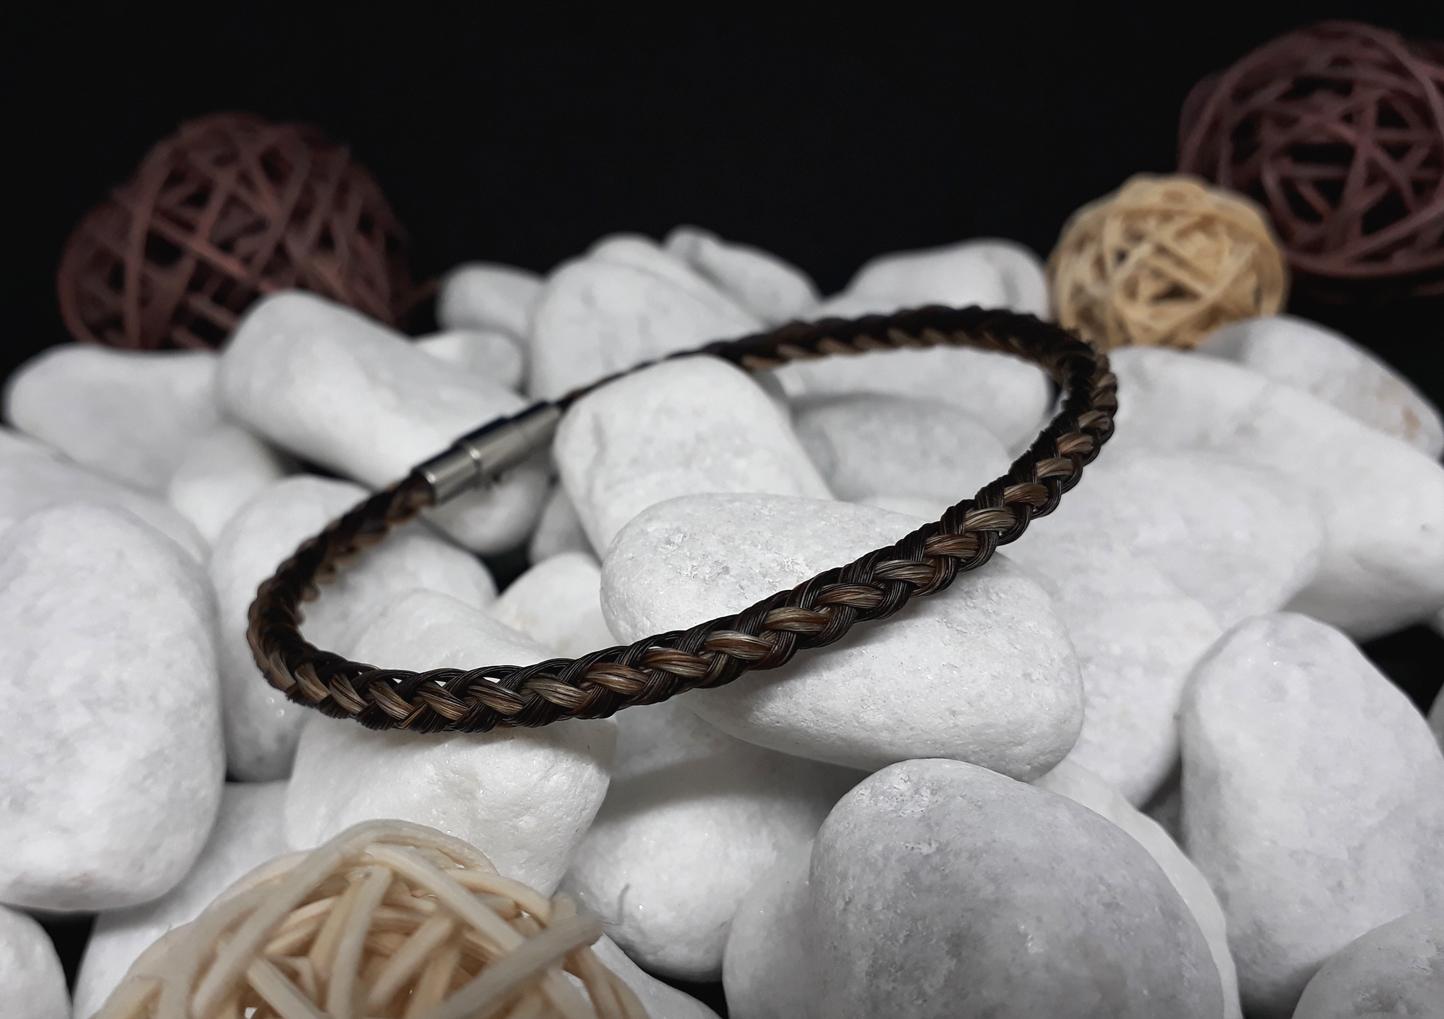 R6-längsstreifen: Rund geflochtenes Pferdehaar-Armband aus 3 schwarzen und 3 braunen Strängen, mit Edelstahl-Bajonettverschluss - Preis: 49 Euro